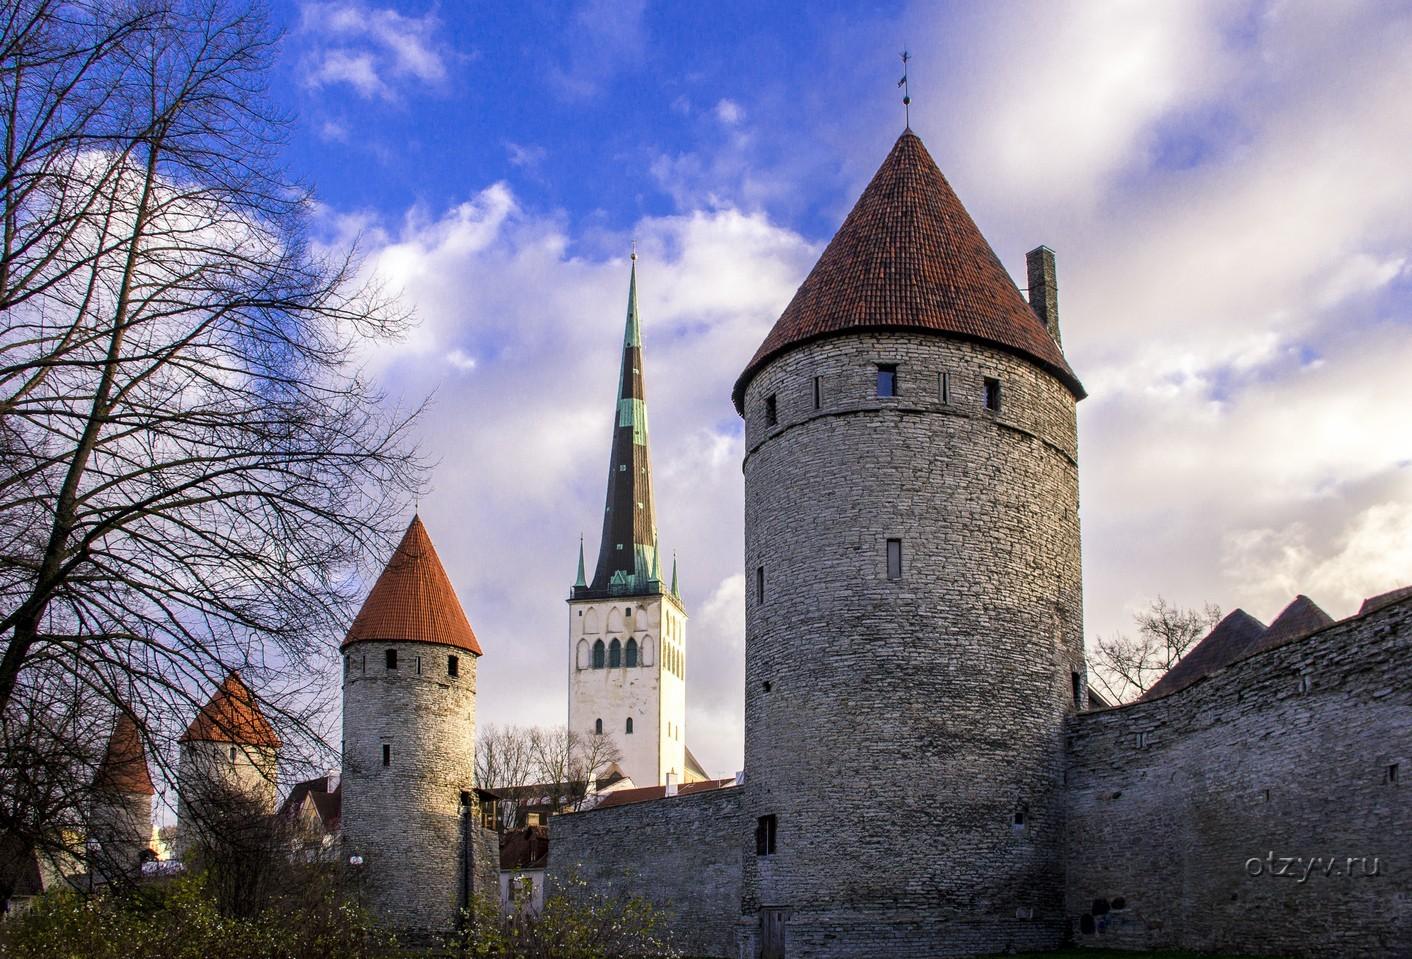 Башня Кик-ин-де-Кёк - история, описание, расположение